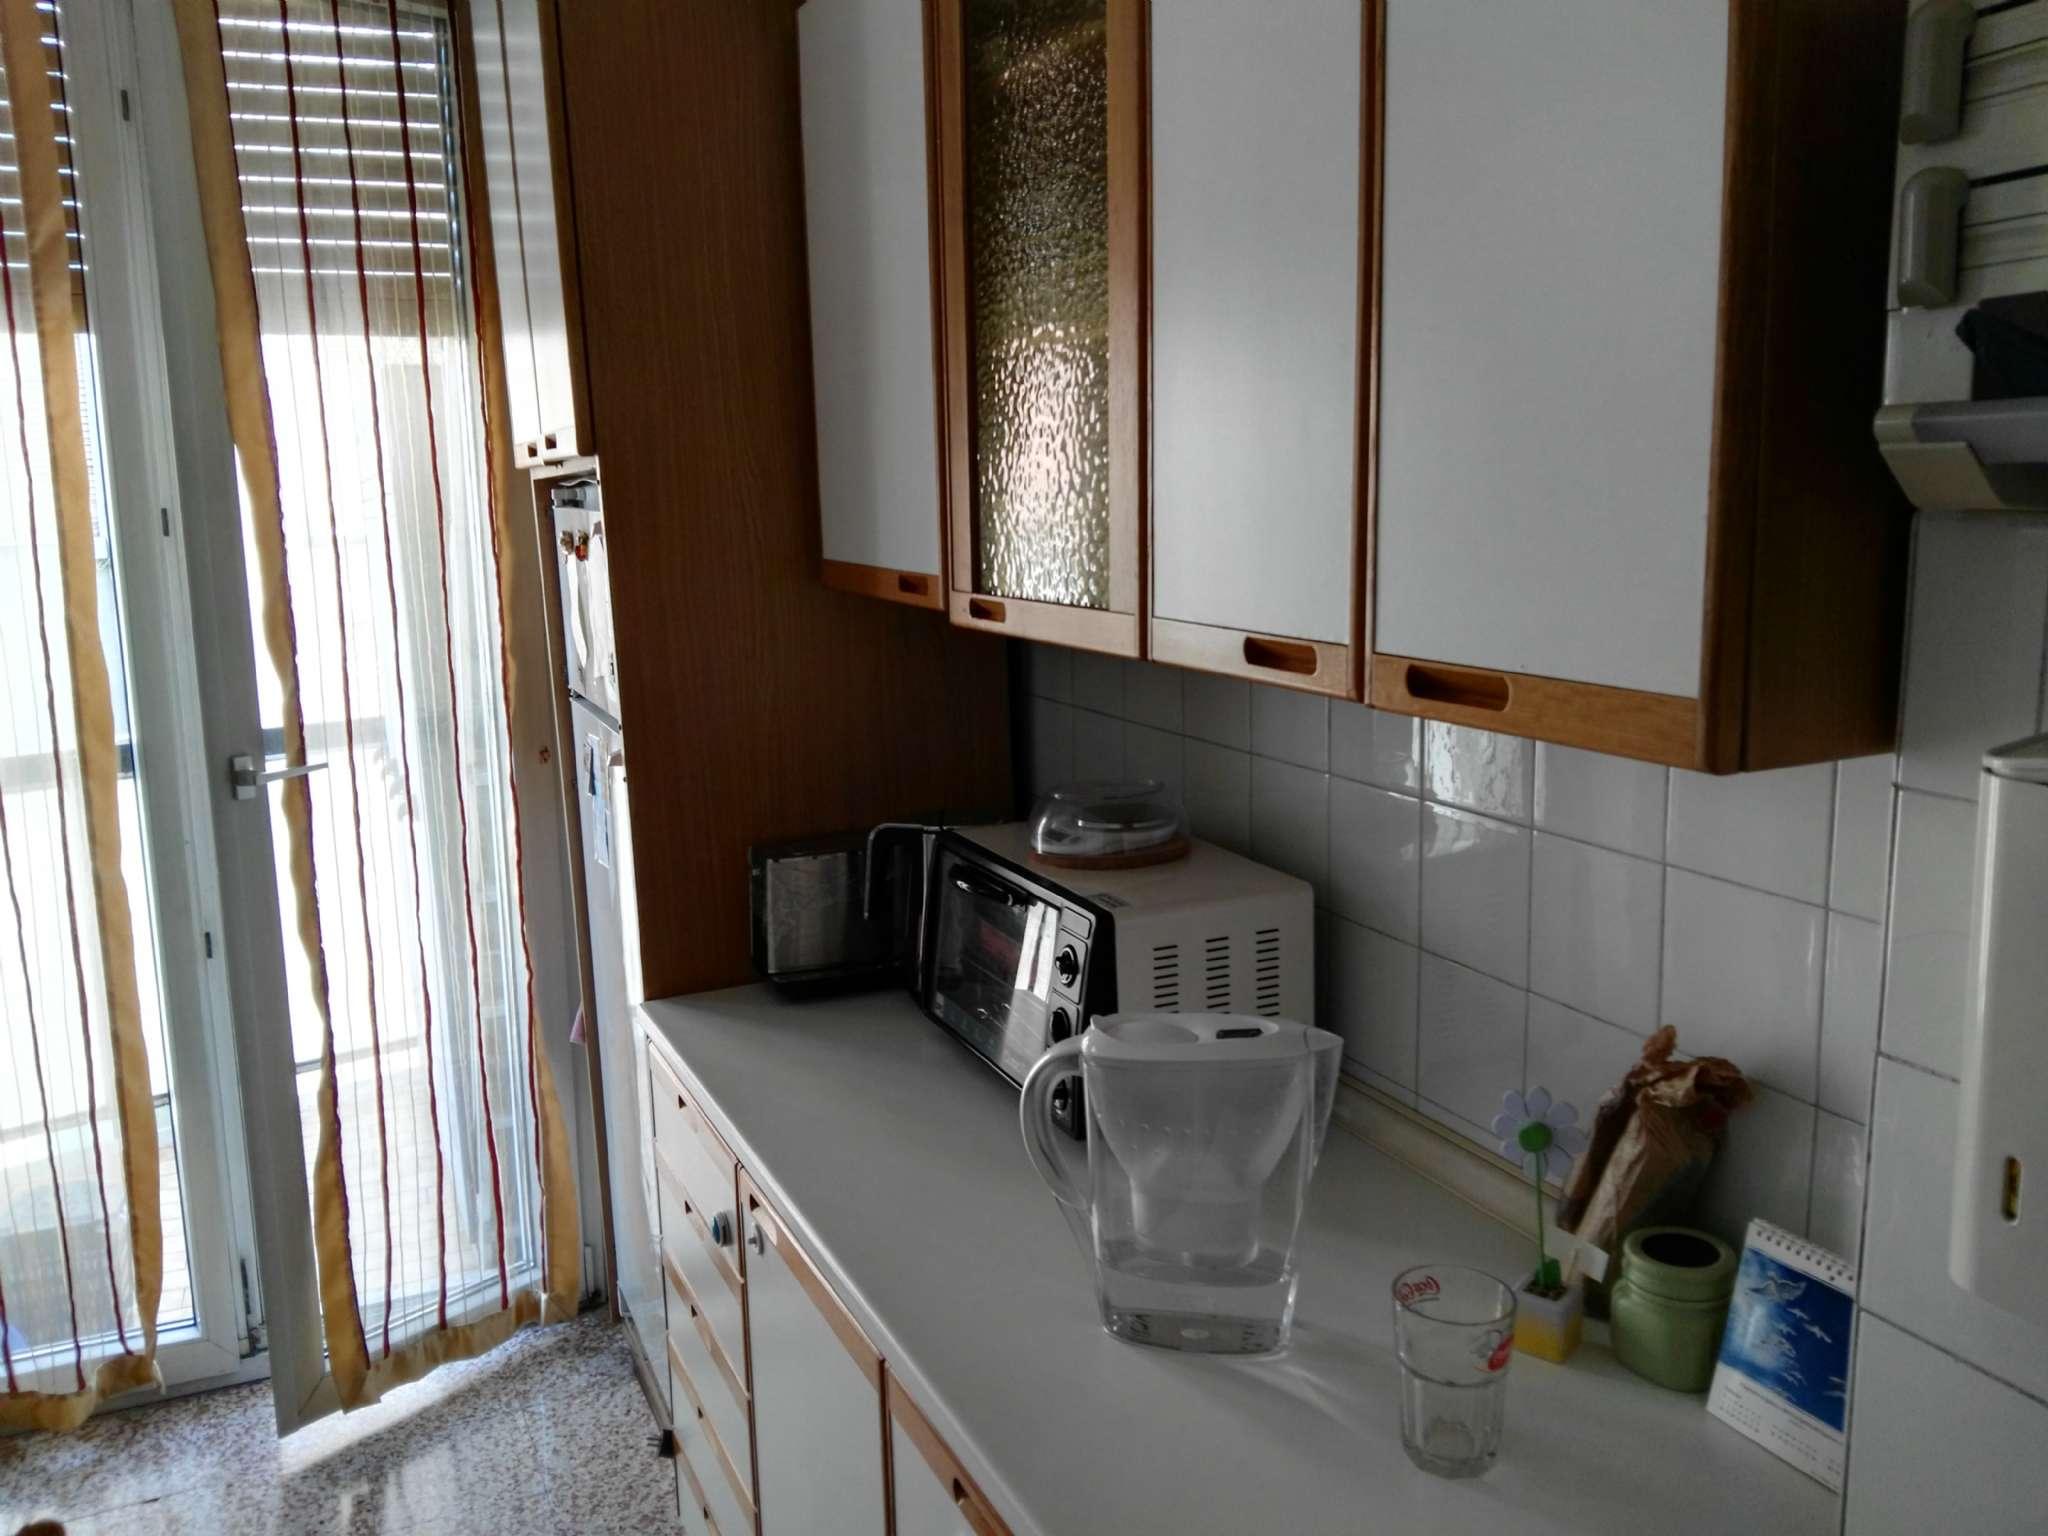 Appartamento in affitto a Milano, 2 locali, zona Zona: 14 . Lotto, Novara, San Siro, QT8 , Montestella, Rembrandt, prezzo € 800 | CambioCasa.it